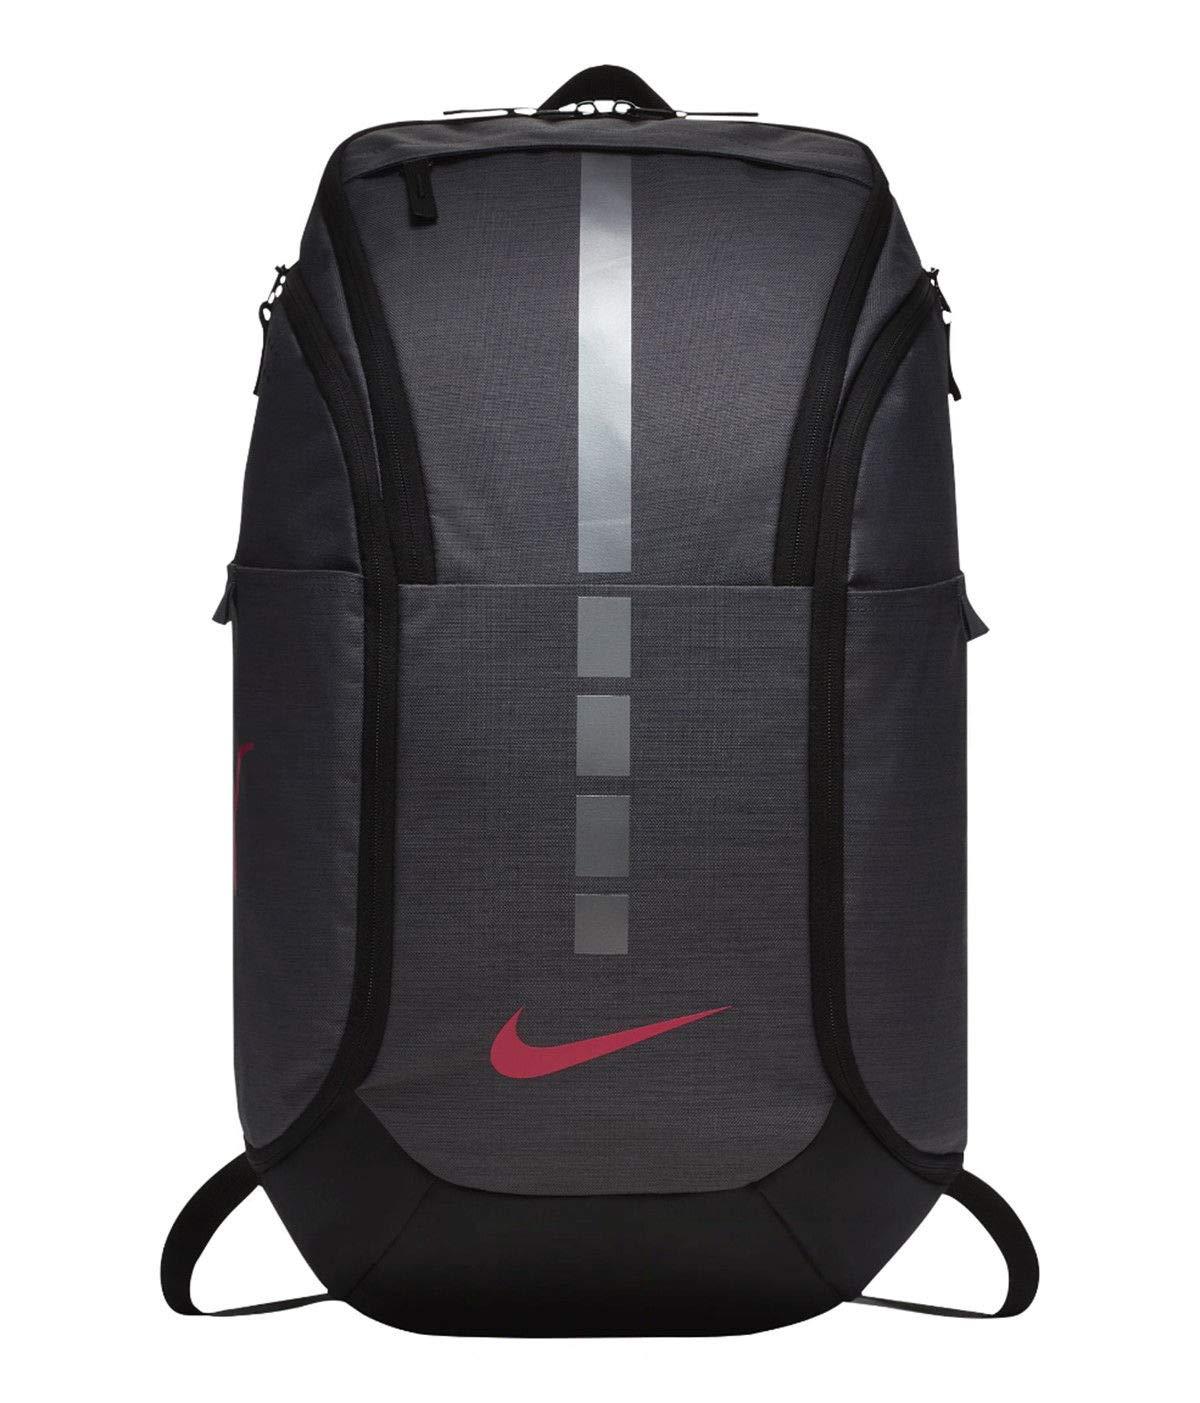 リュックサック 大容量 バックパック スポーツバッグ 多機能 ナイキ/フープス エリート PRO バックパック BA5554 B0042YZ5ZK Dark Grey/Black/ Vivid Pink